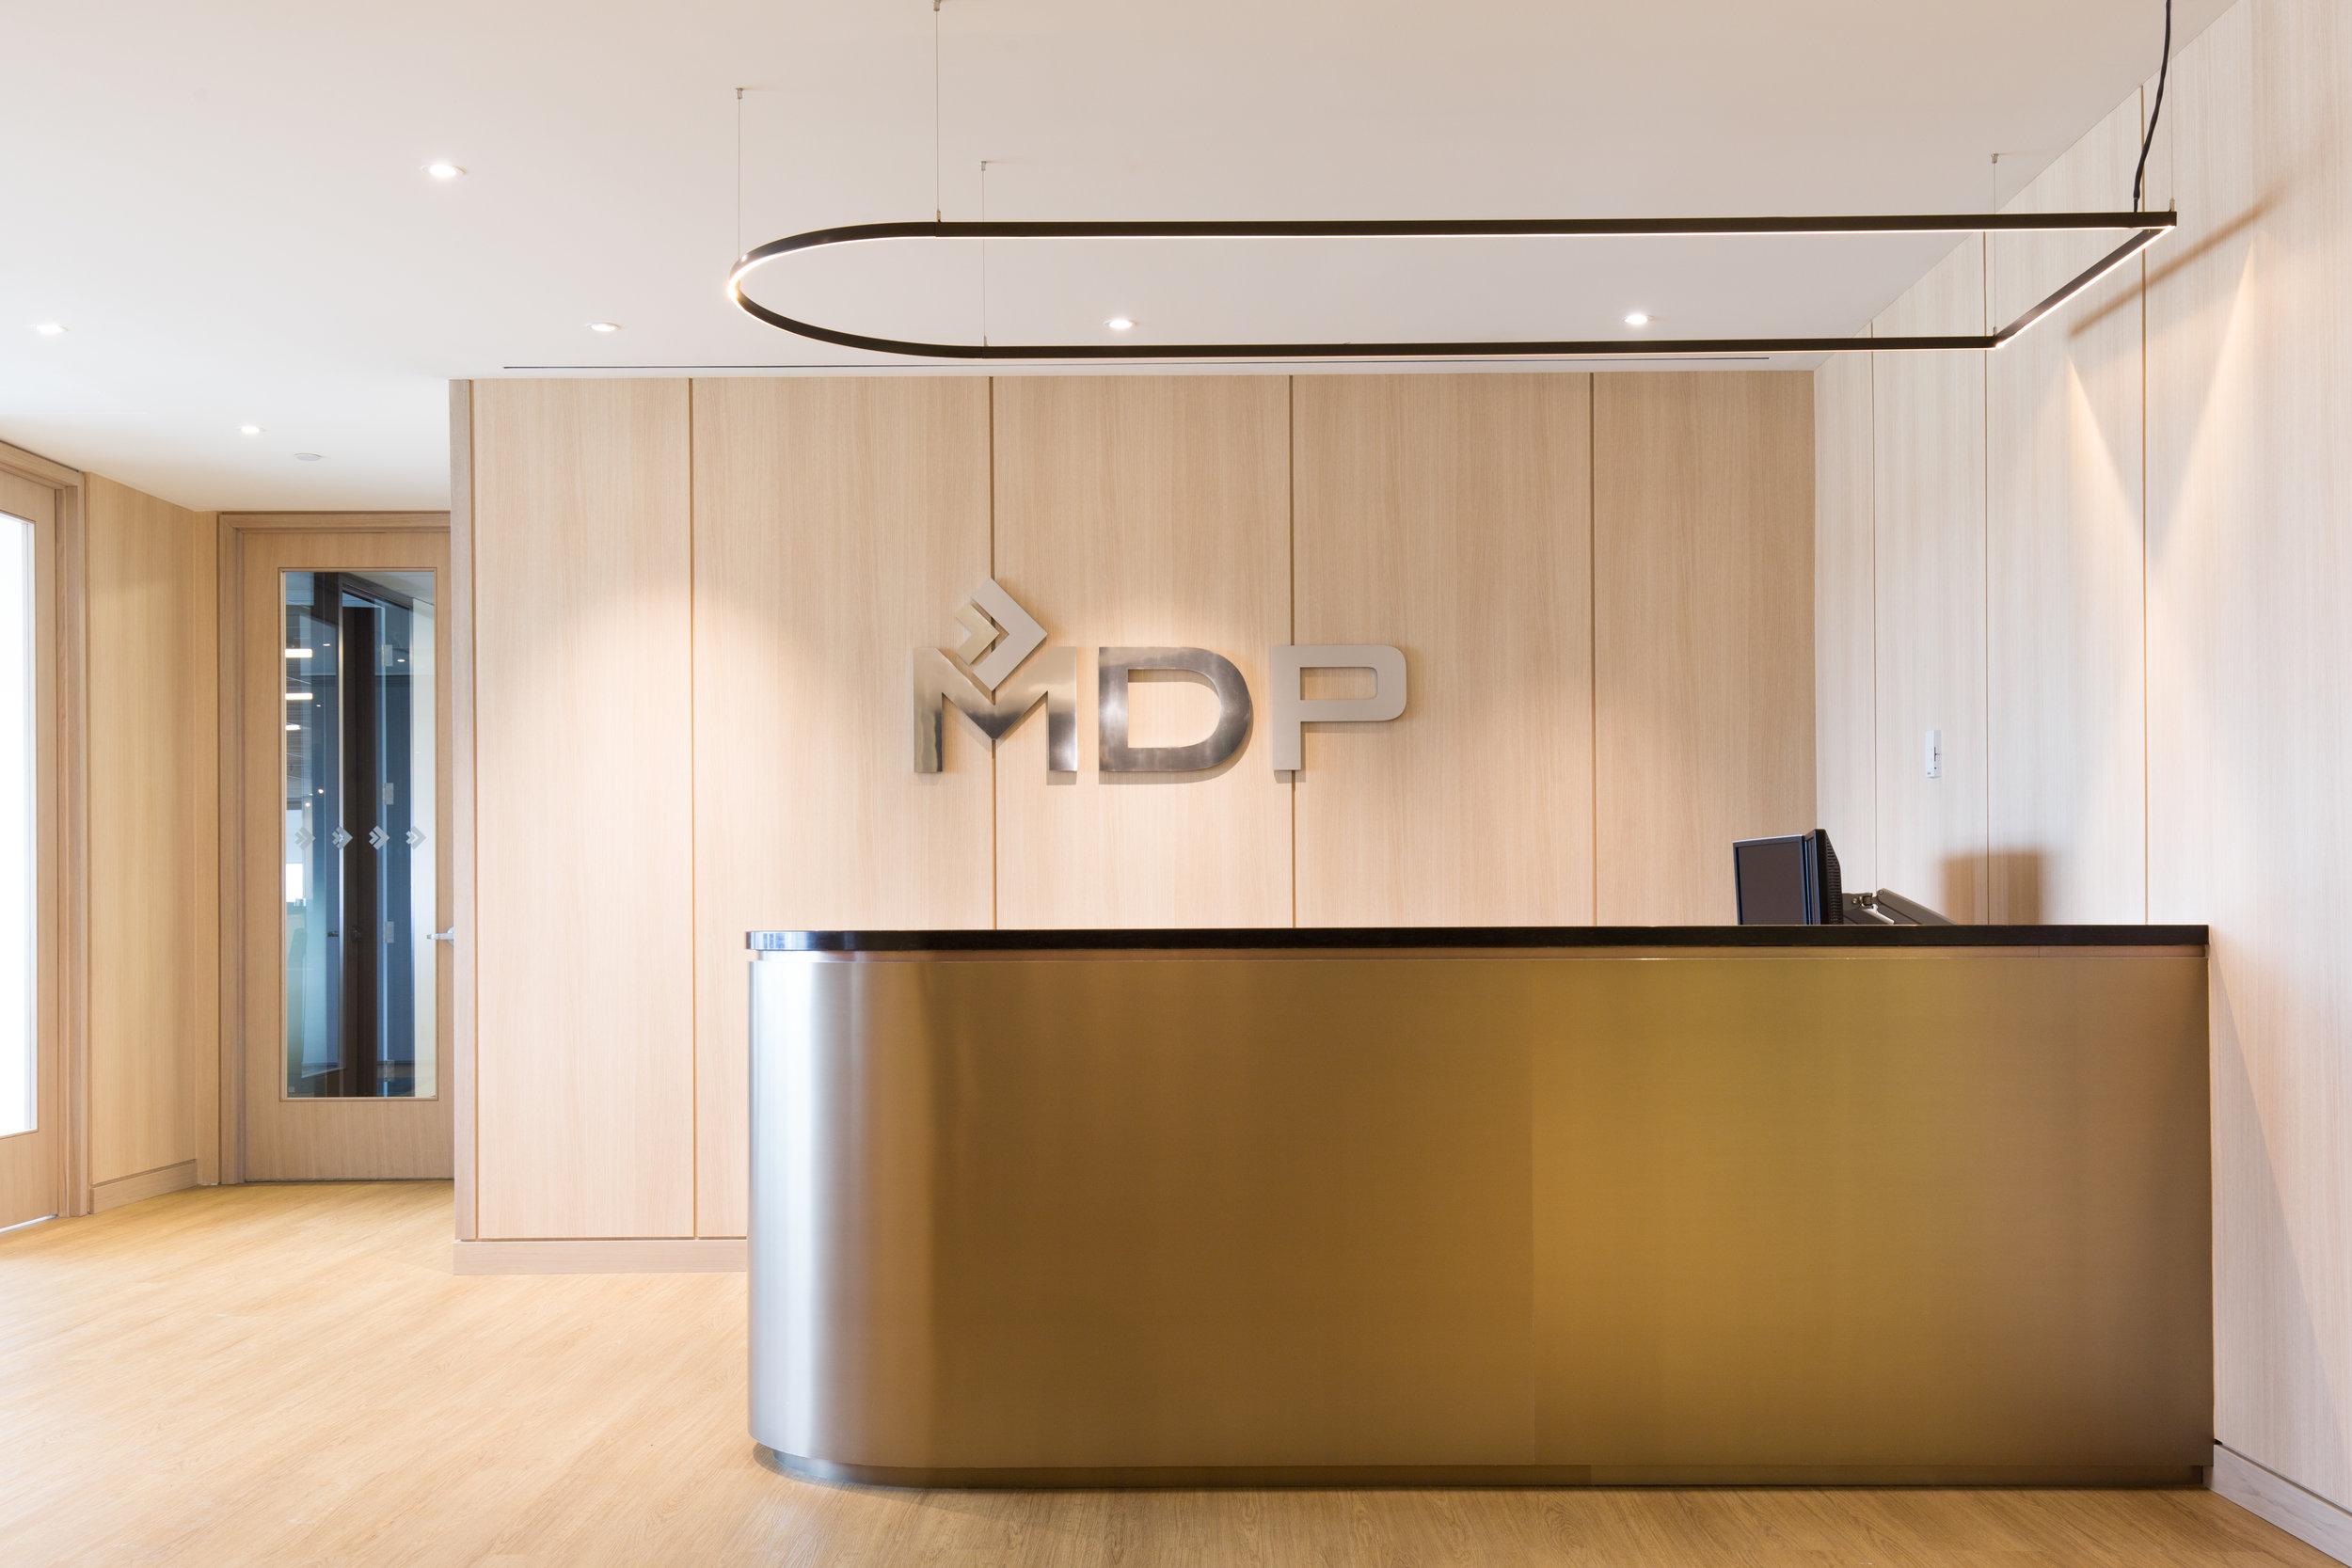 SDI_MDP-1.jpg